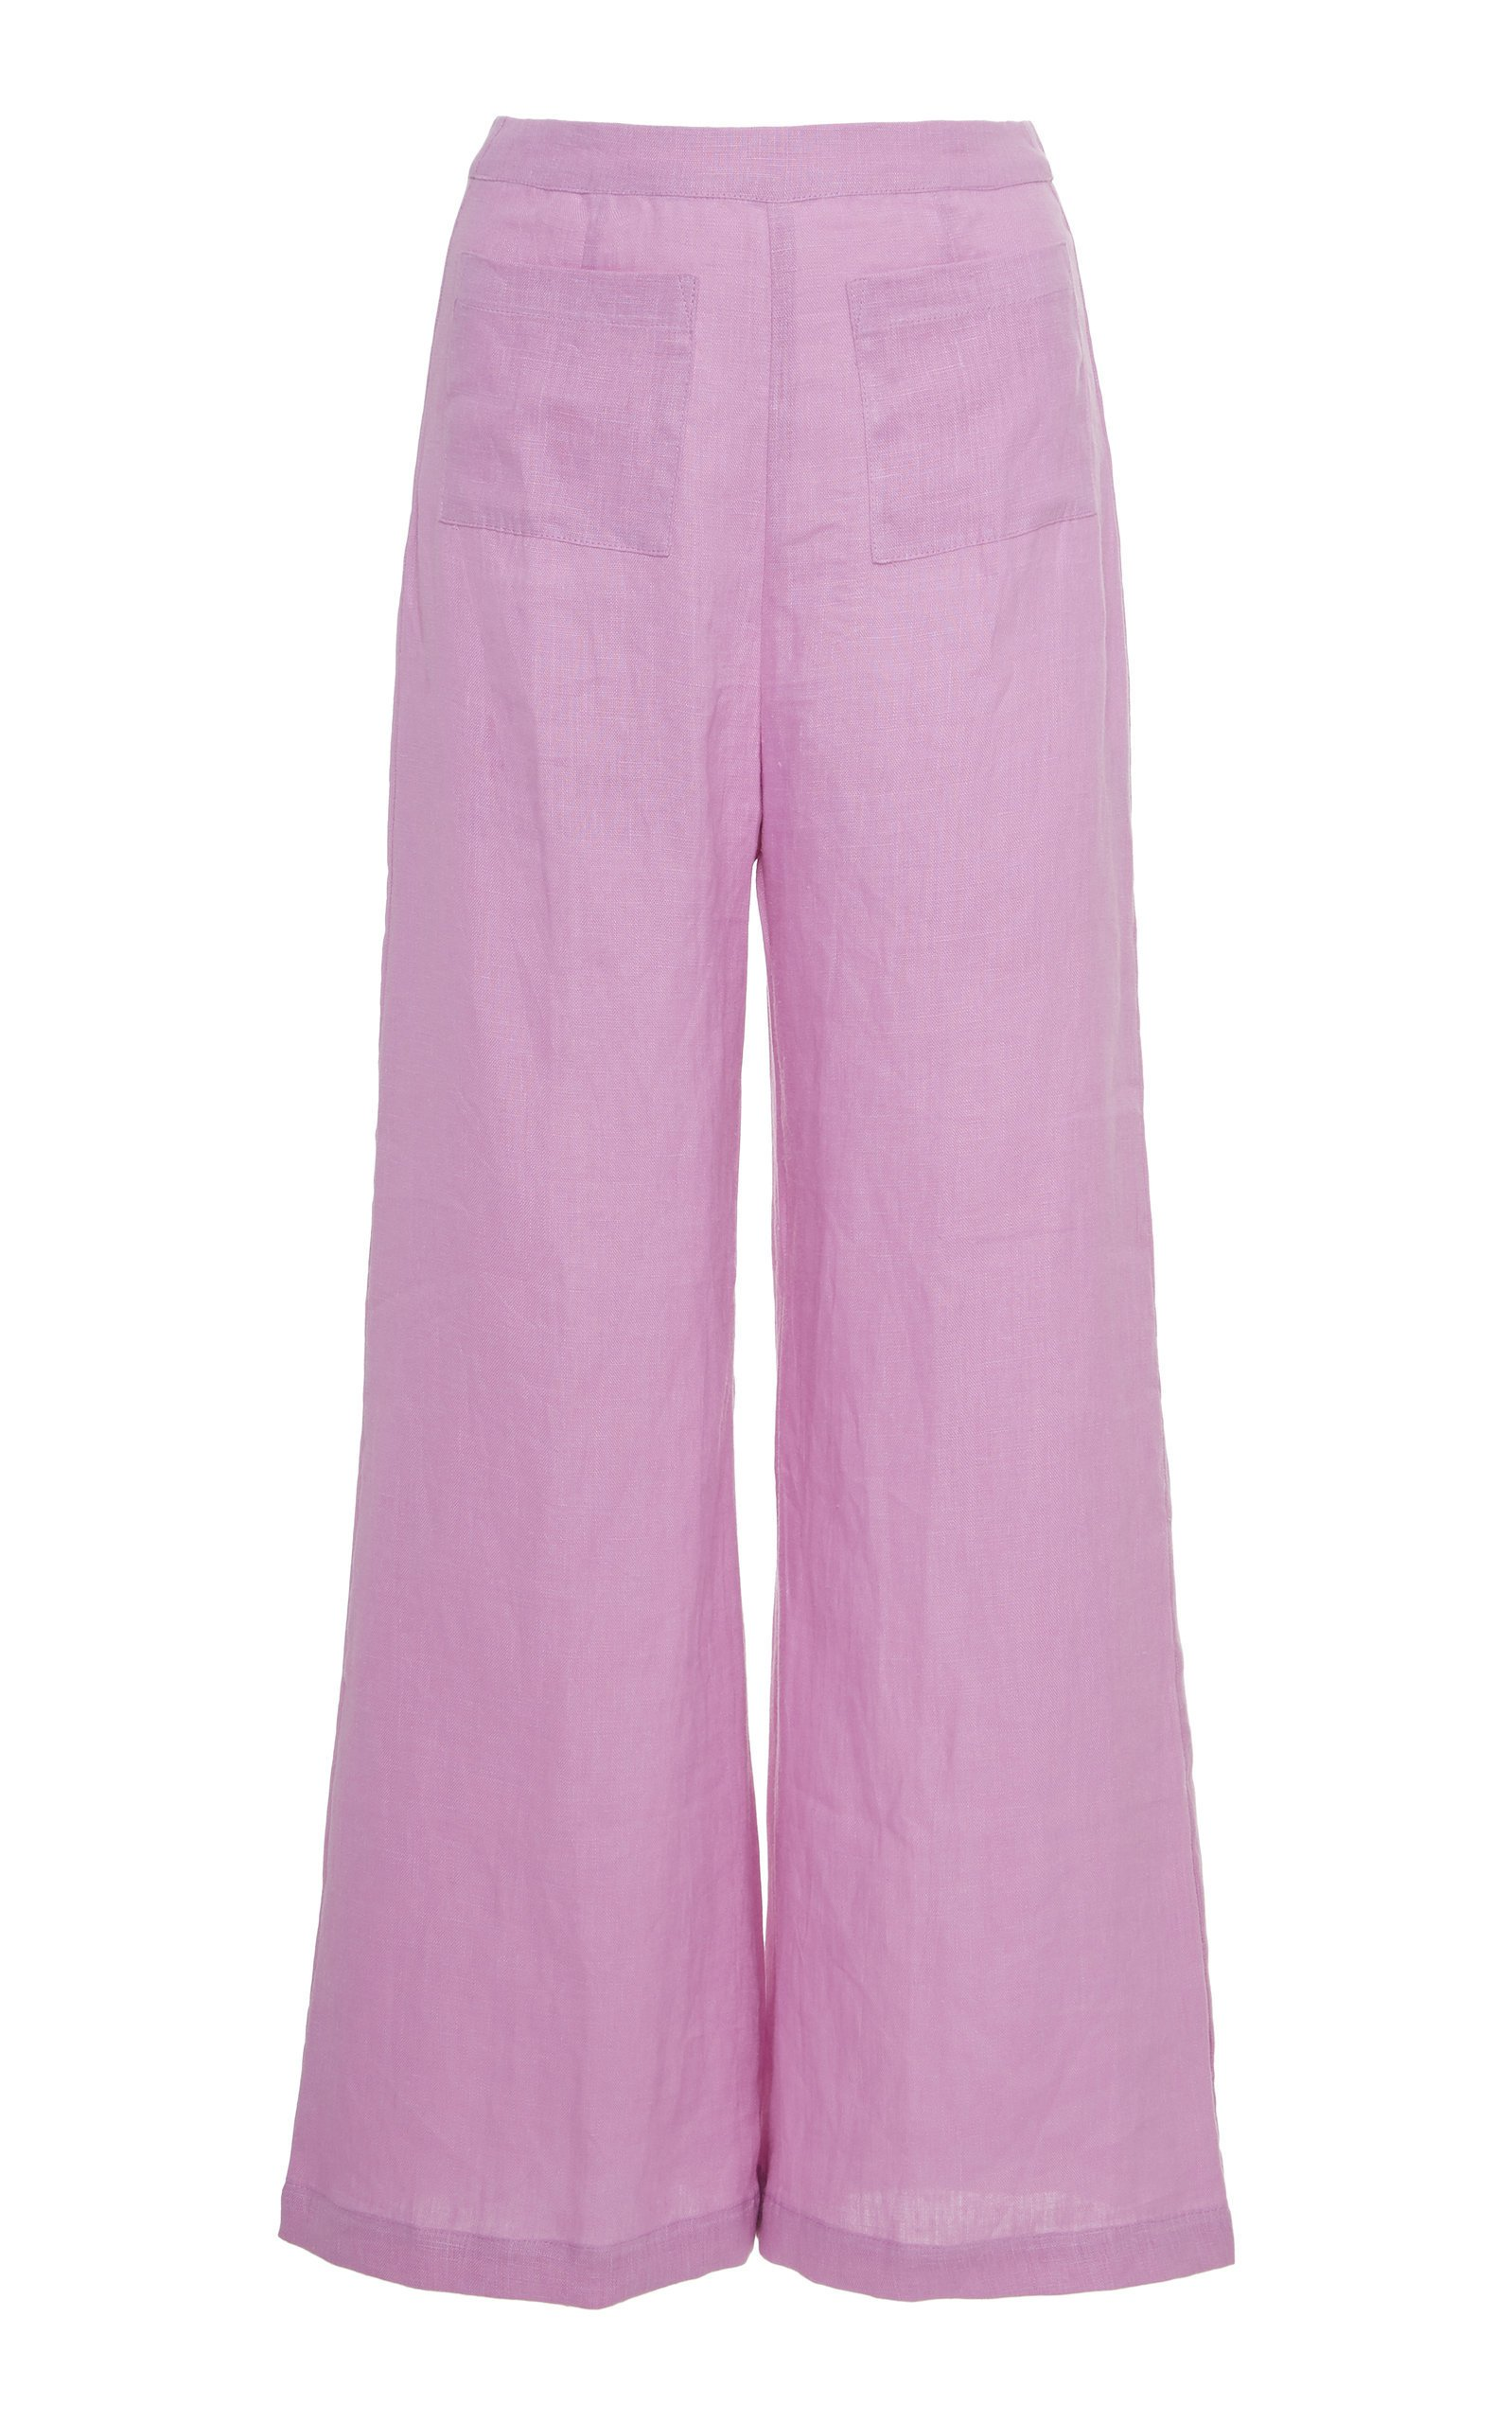 Faithfull The Brand Enia Linen Wide-Leg Pants